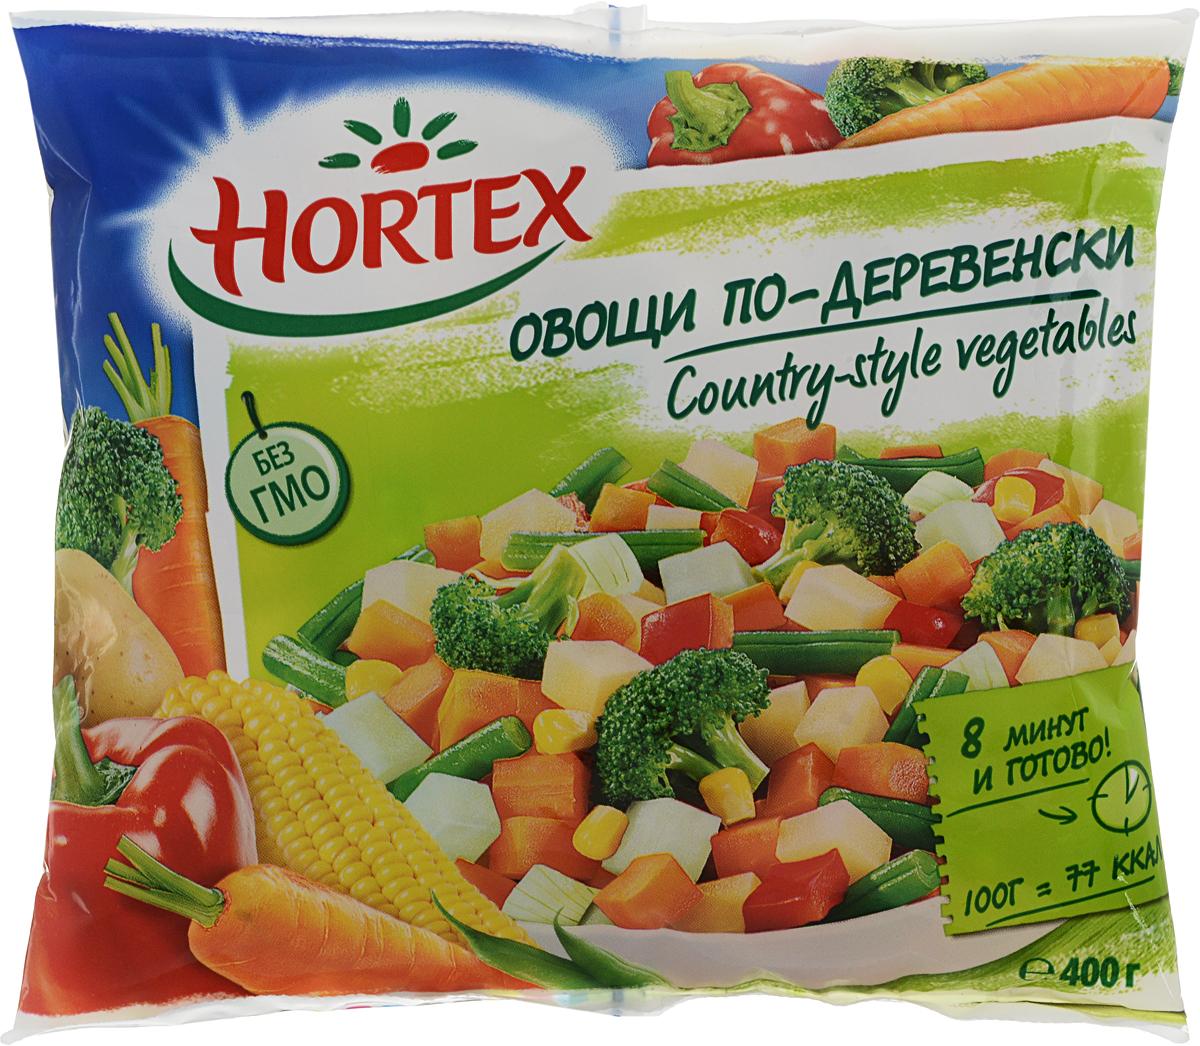 Hortex Овощи по-деревенски, 400 г индикатор качества смеси в москве